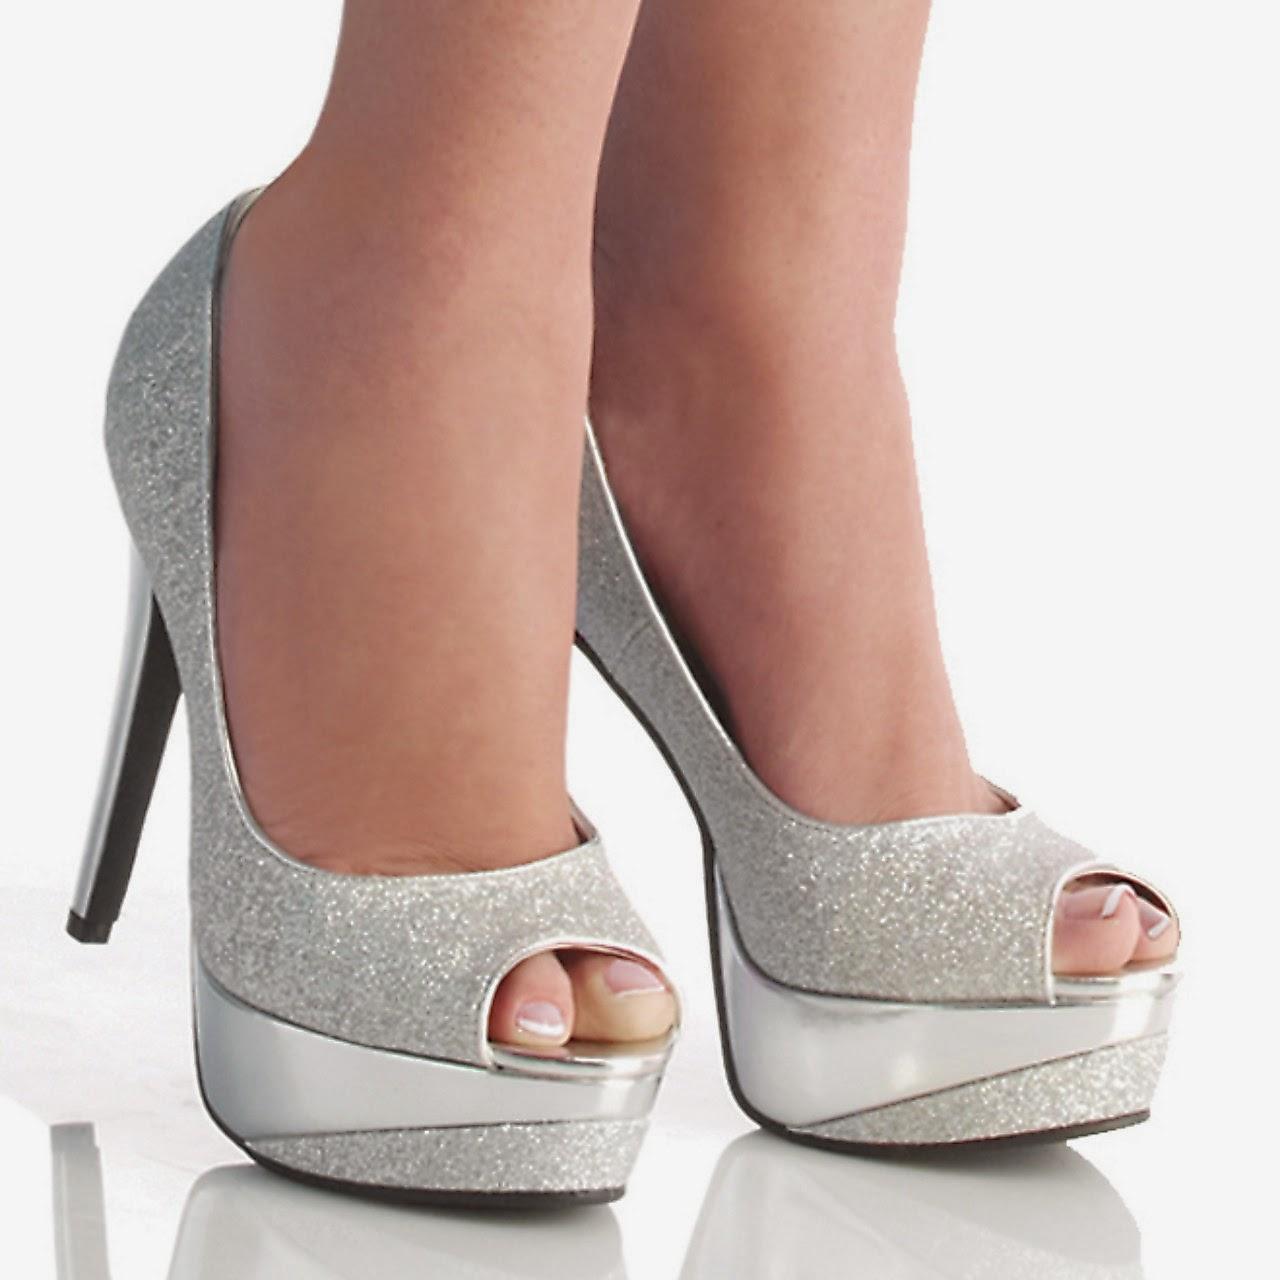 Lindos zapatos de fiesta de tac n alto dise os for Diseno de zapatos